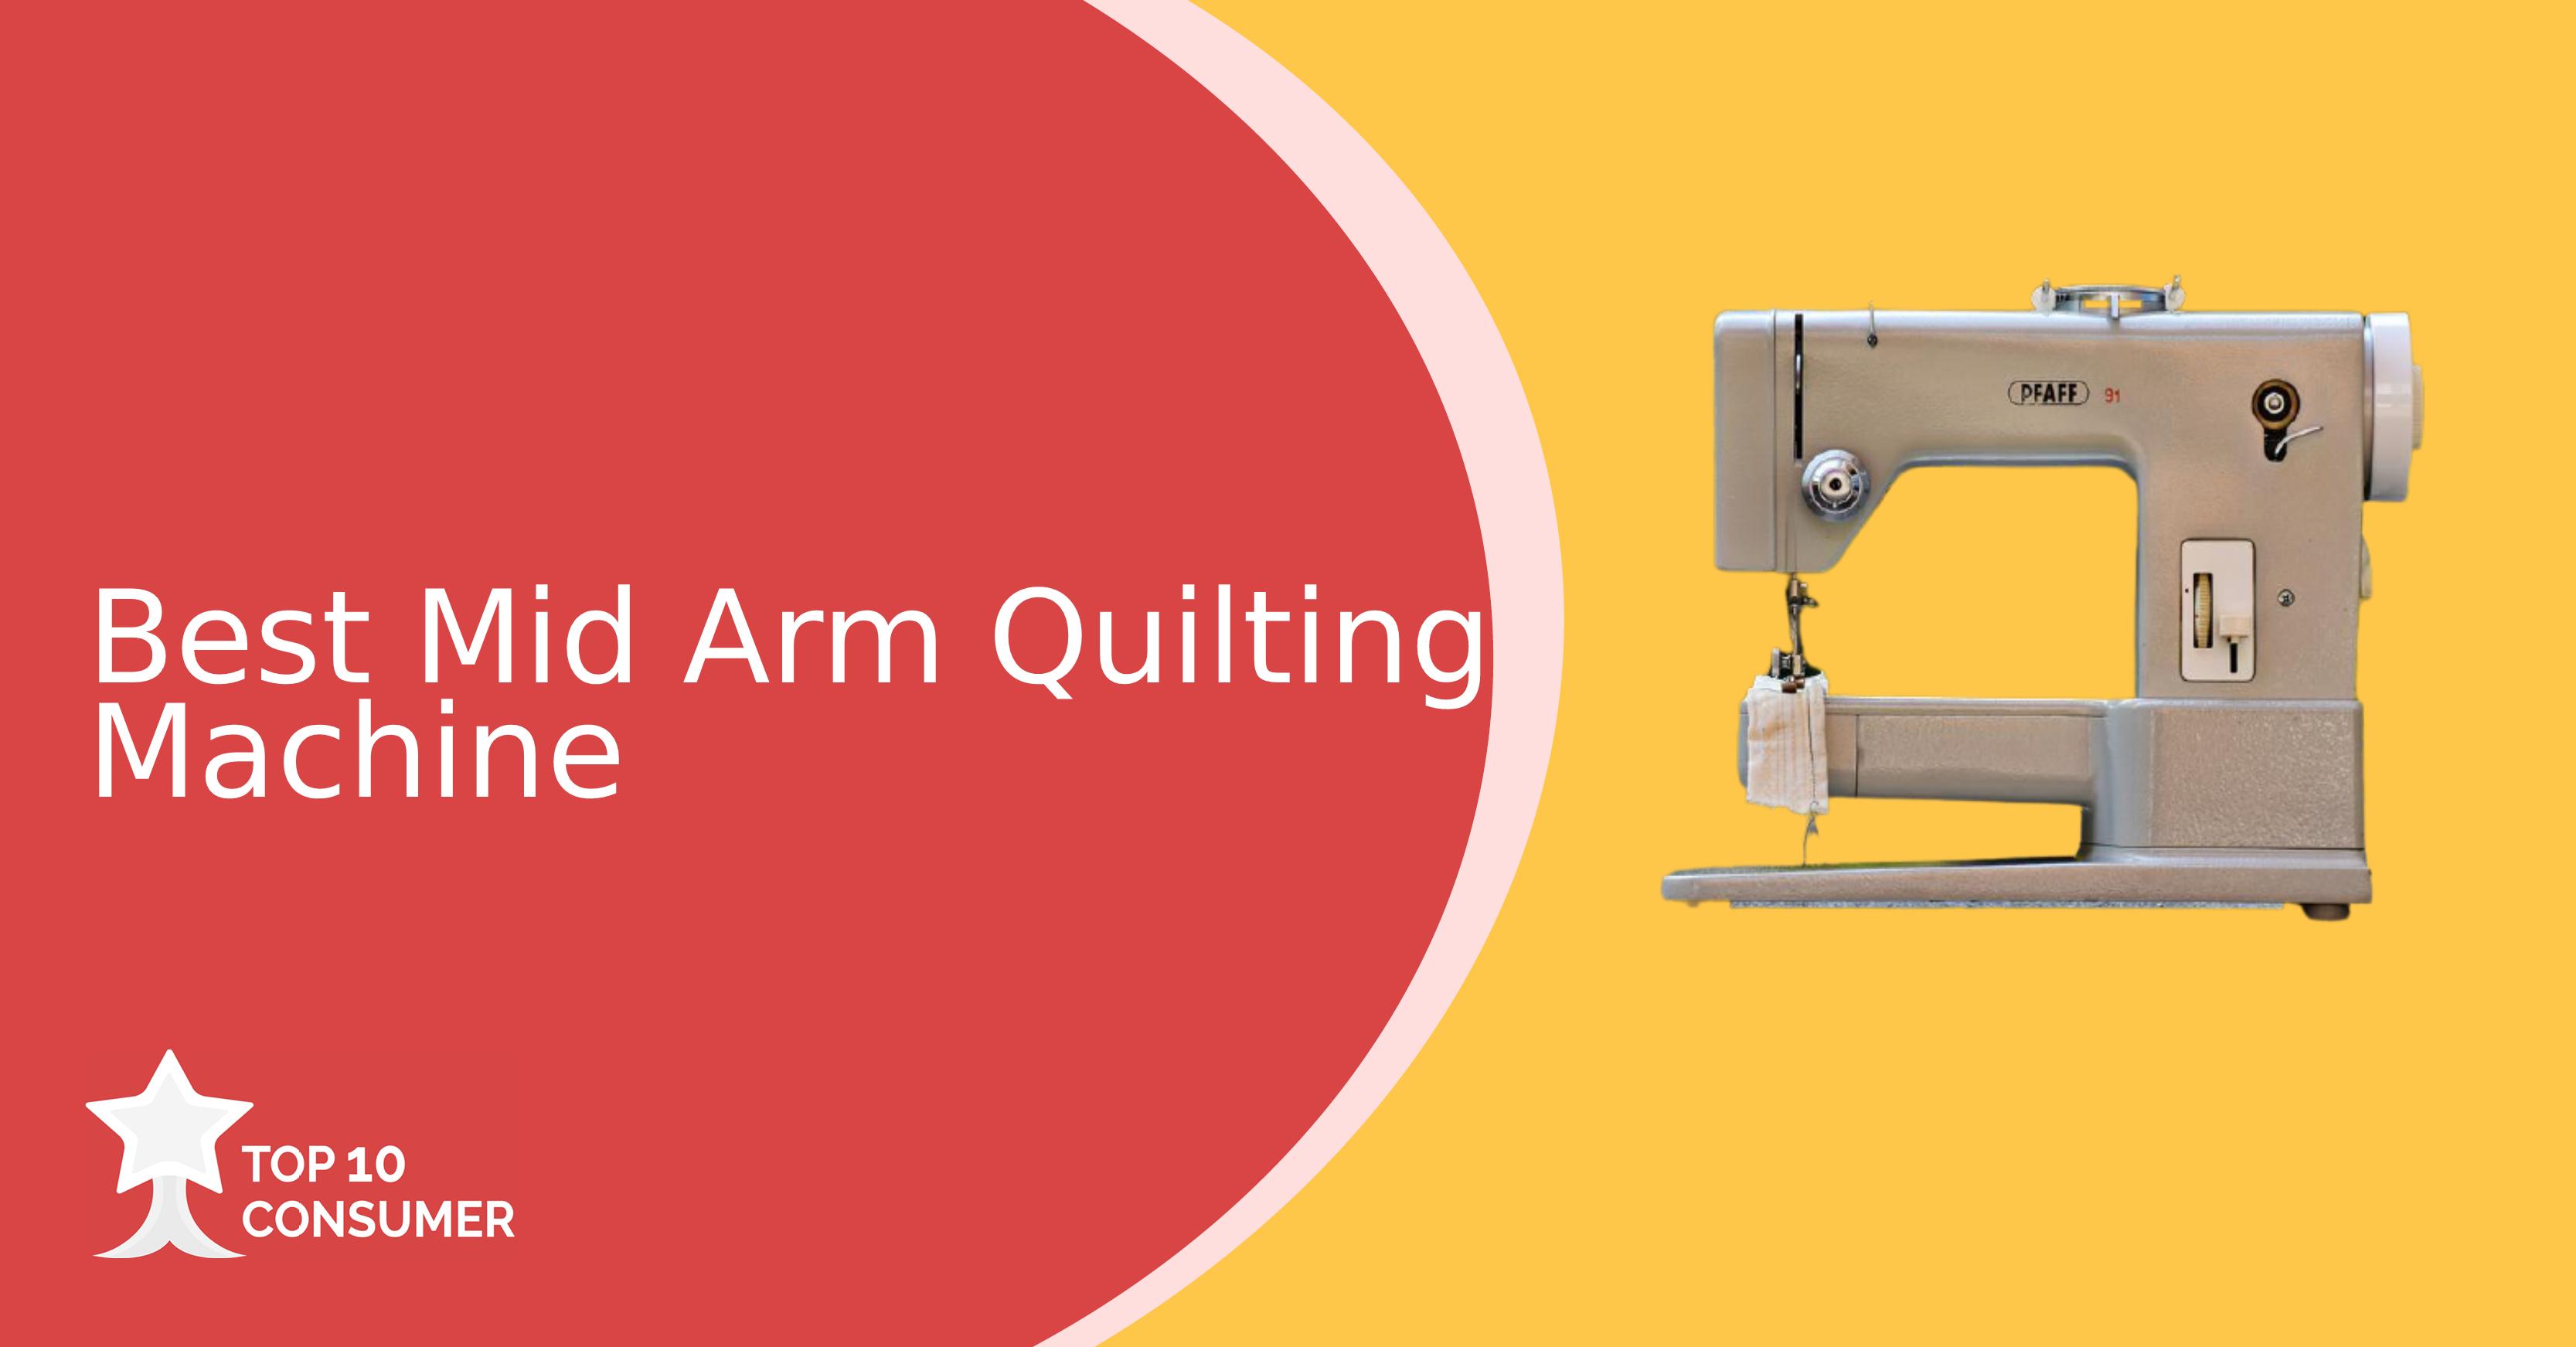 Best Mid Arm Quilting Machine